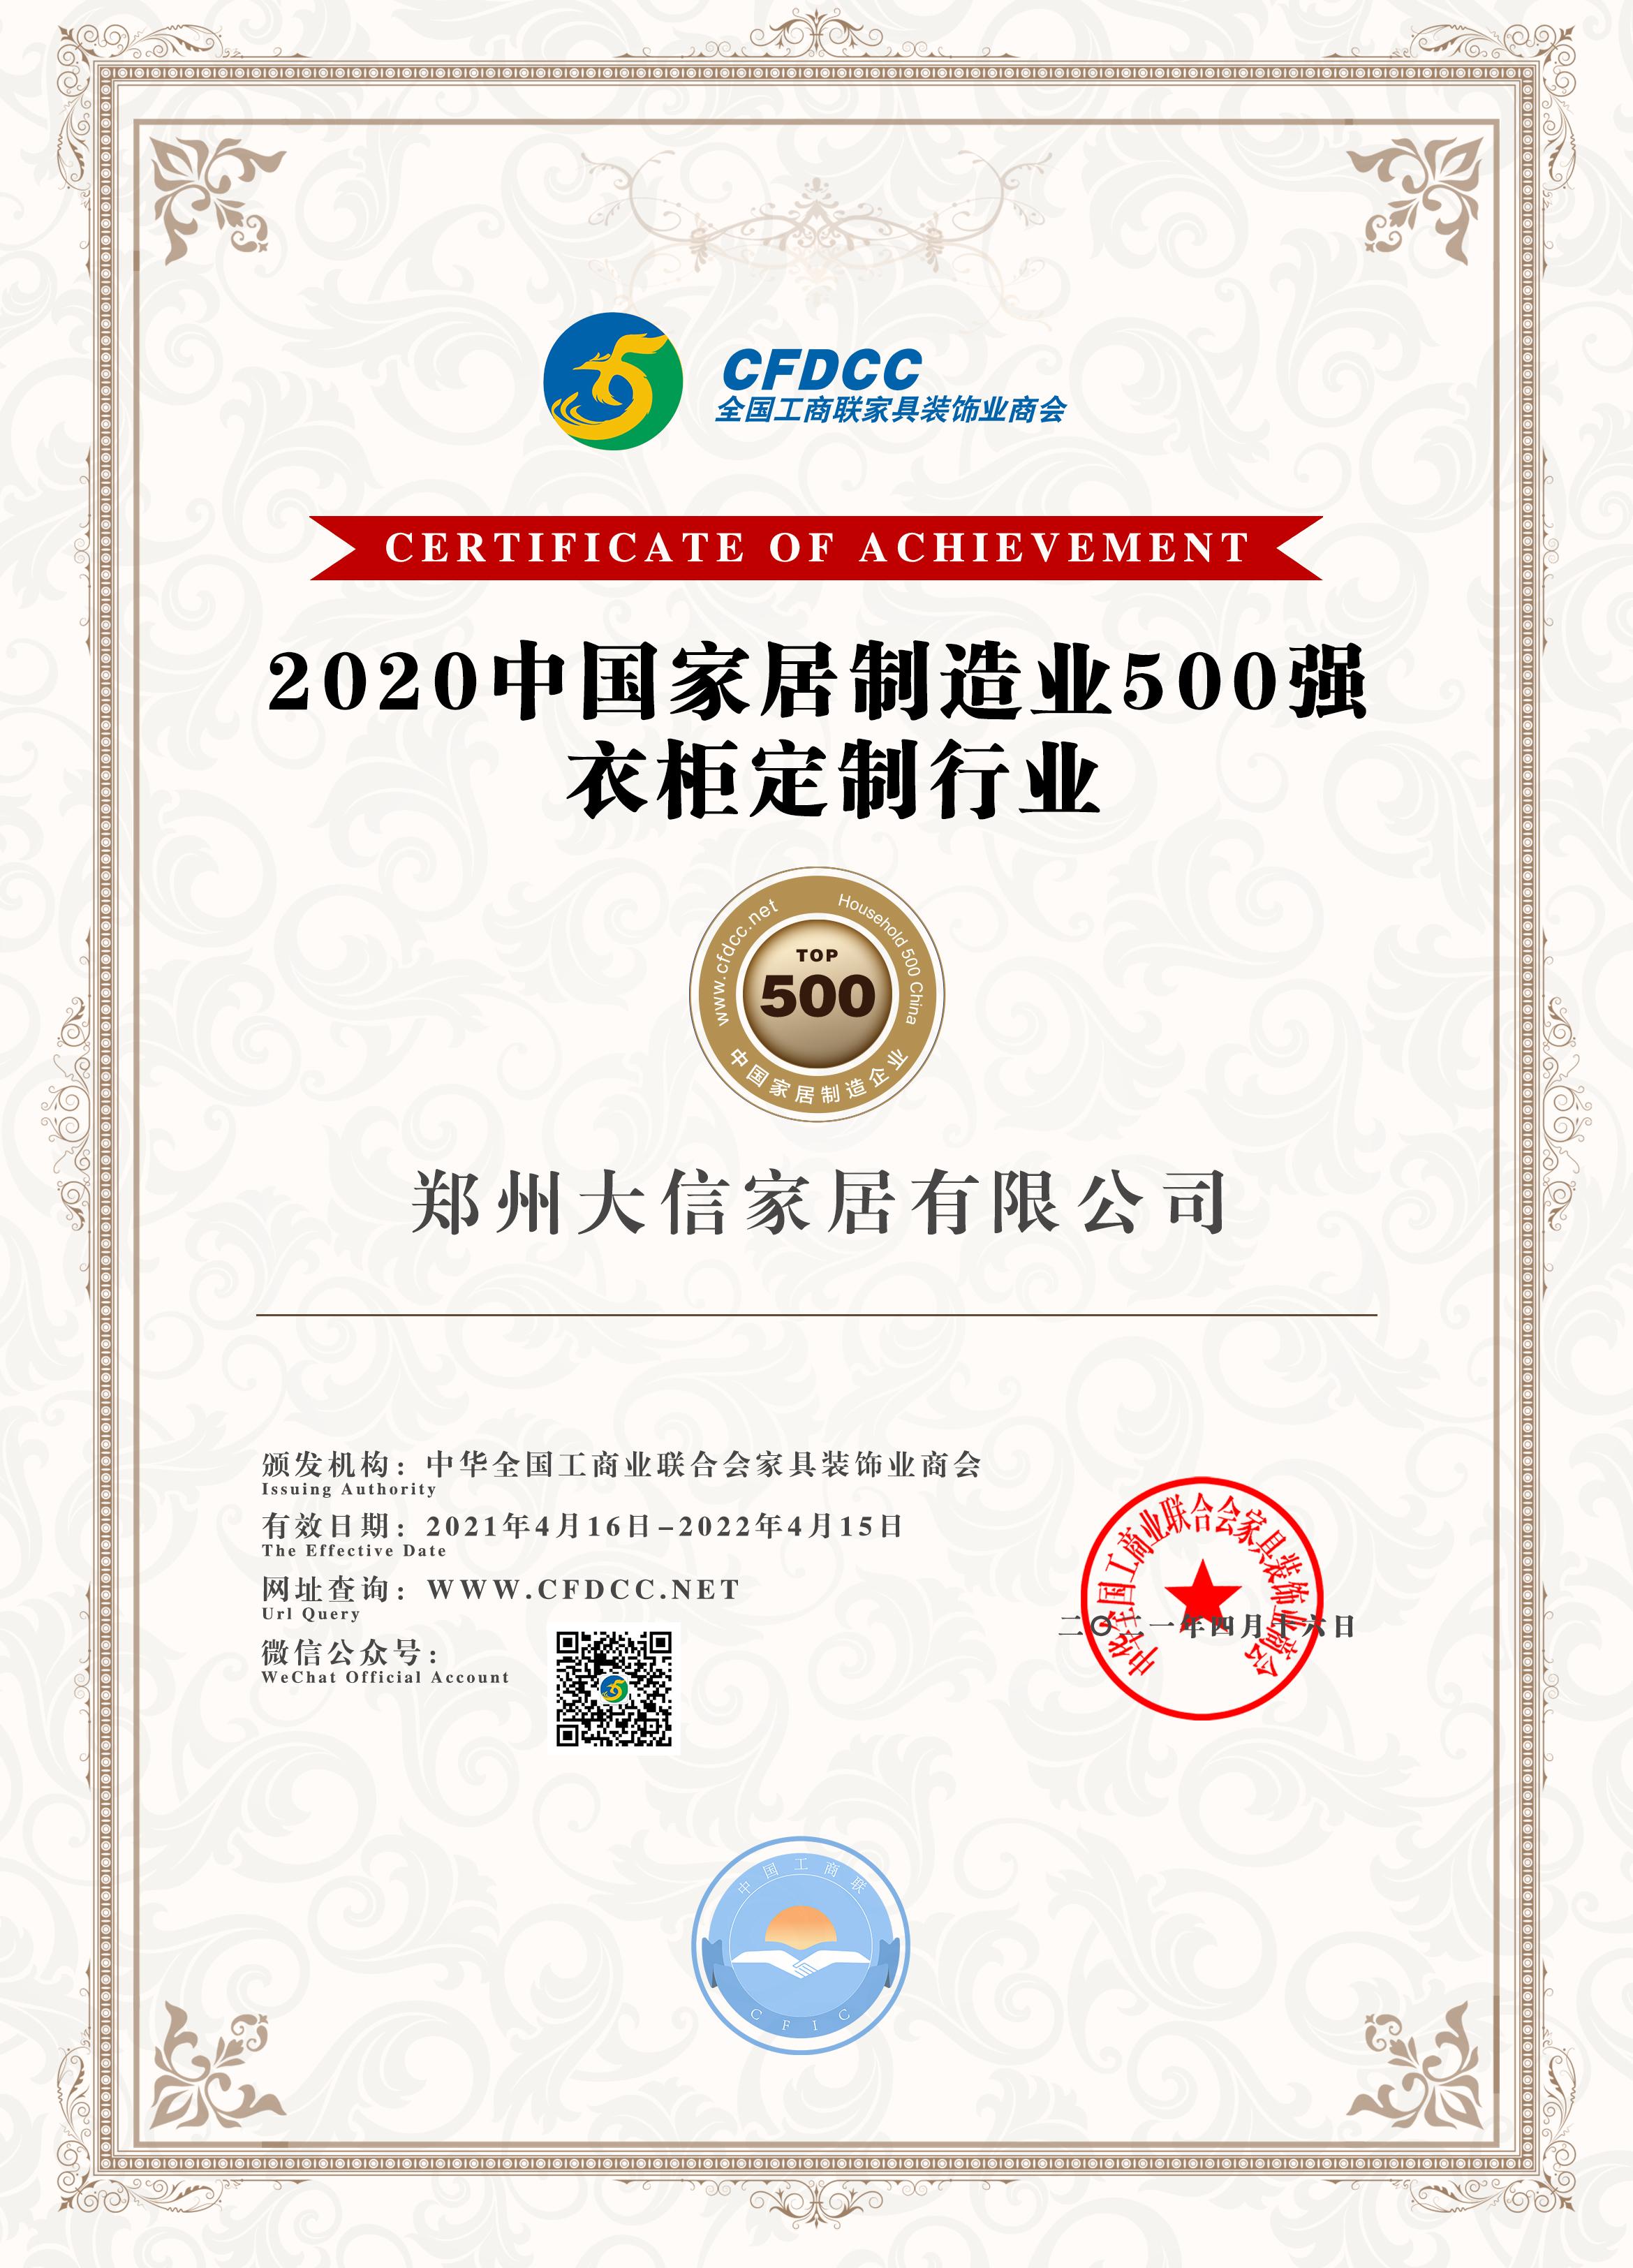 大信家居榮登2020中國家居制造業500強